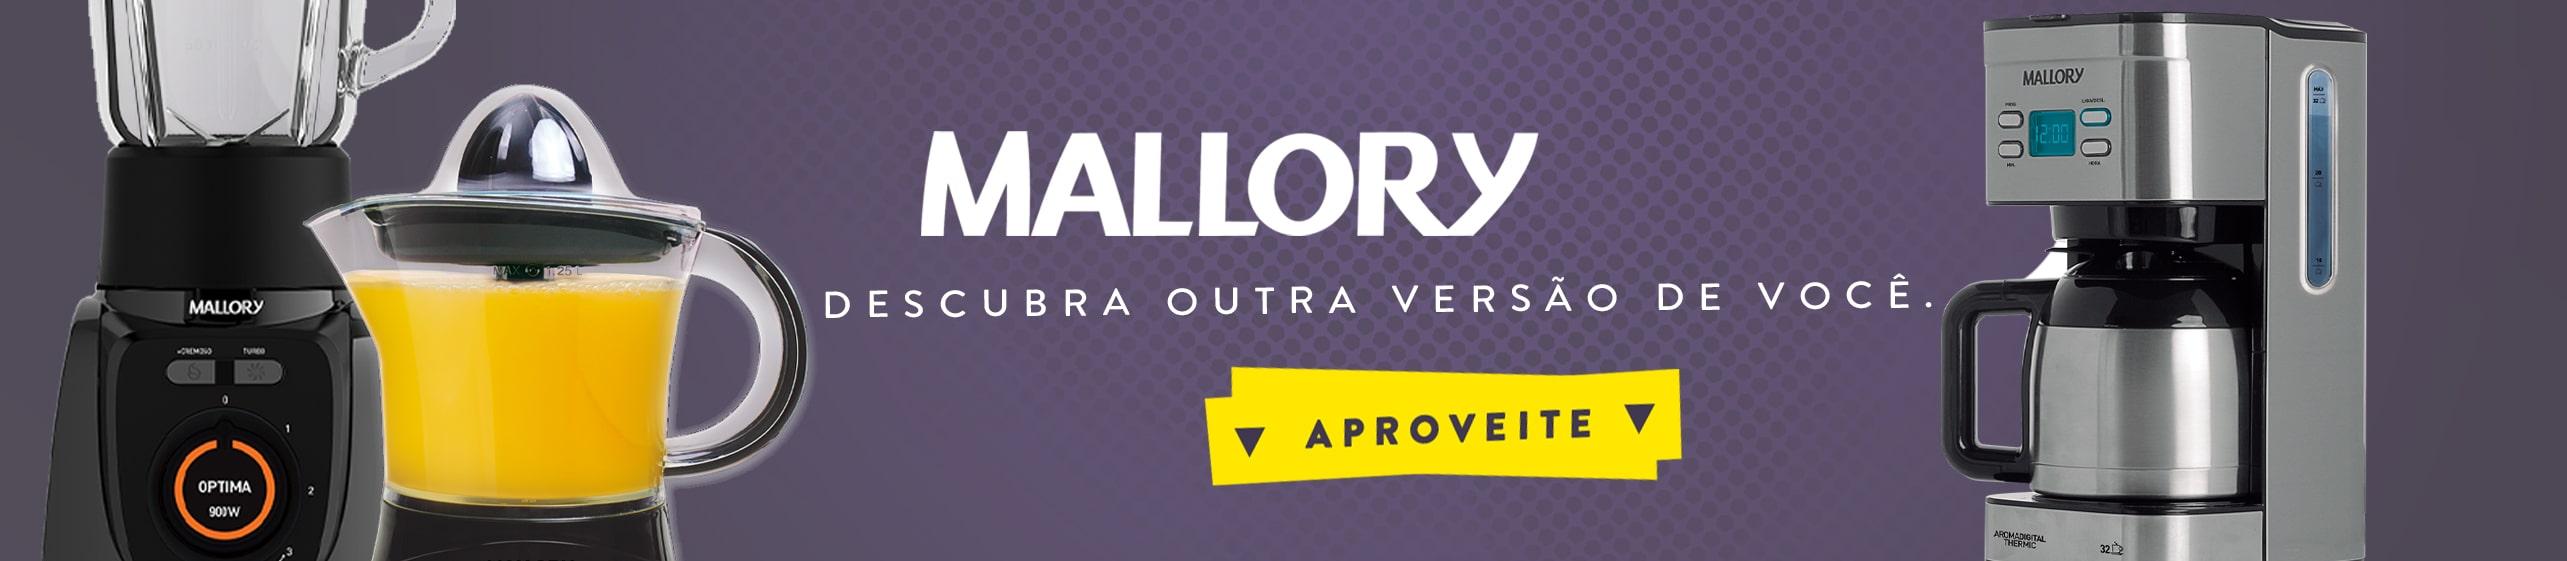 Eletroportáteis - Mallory